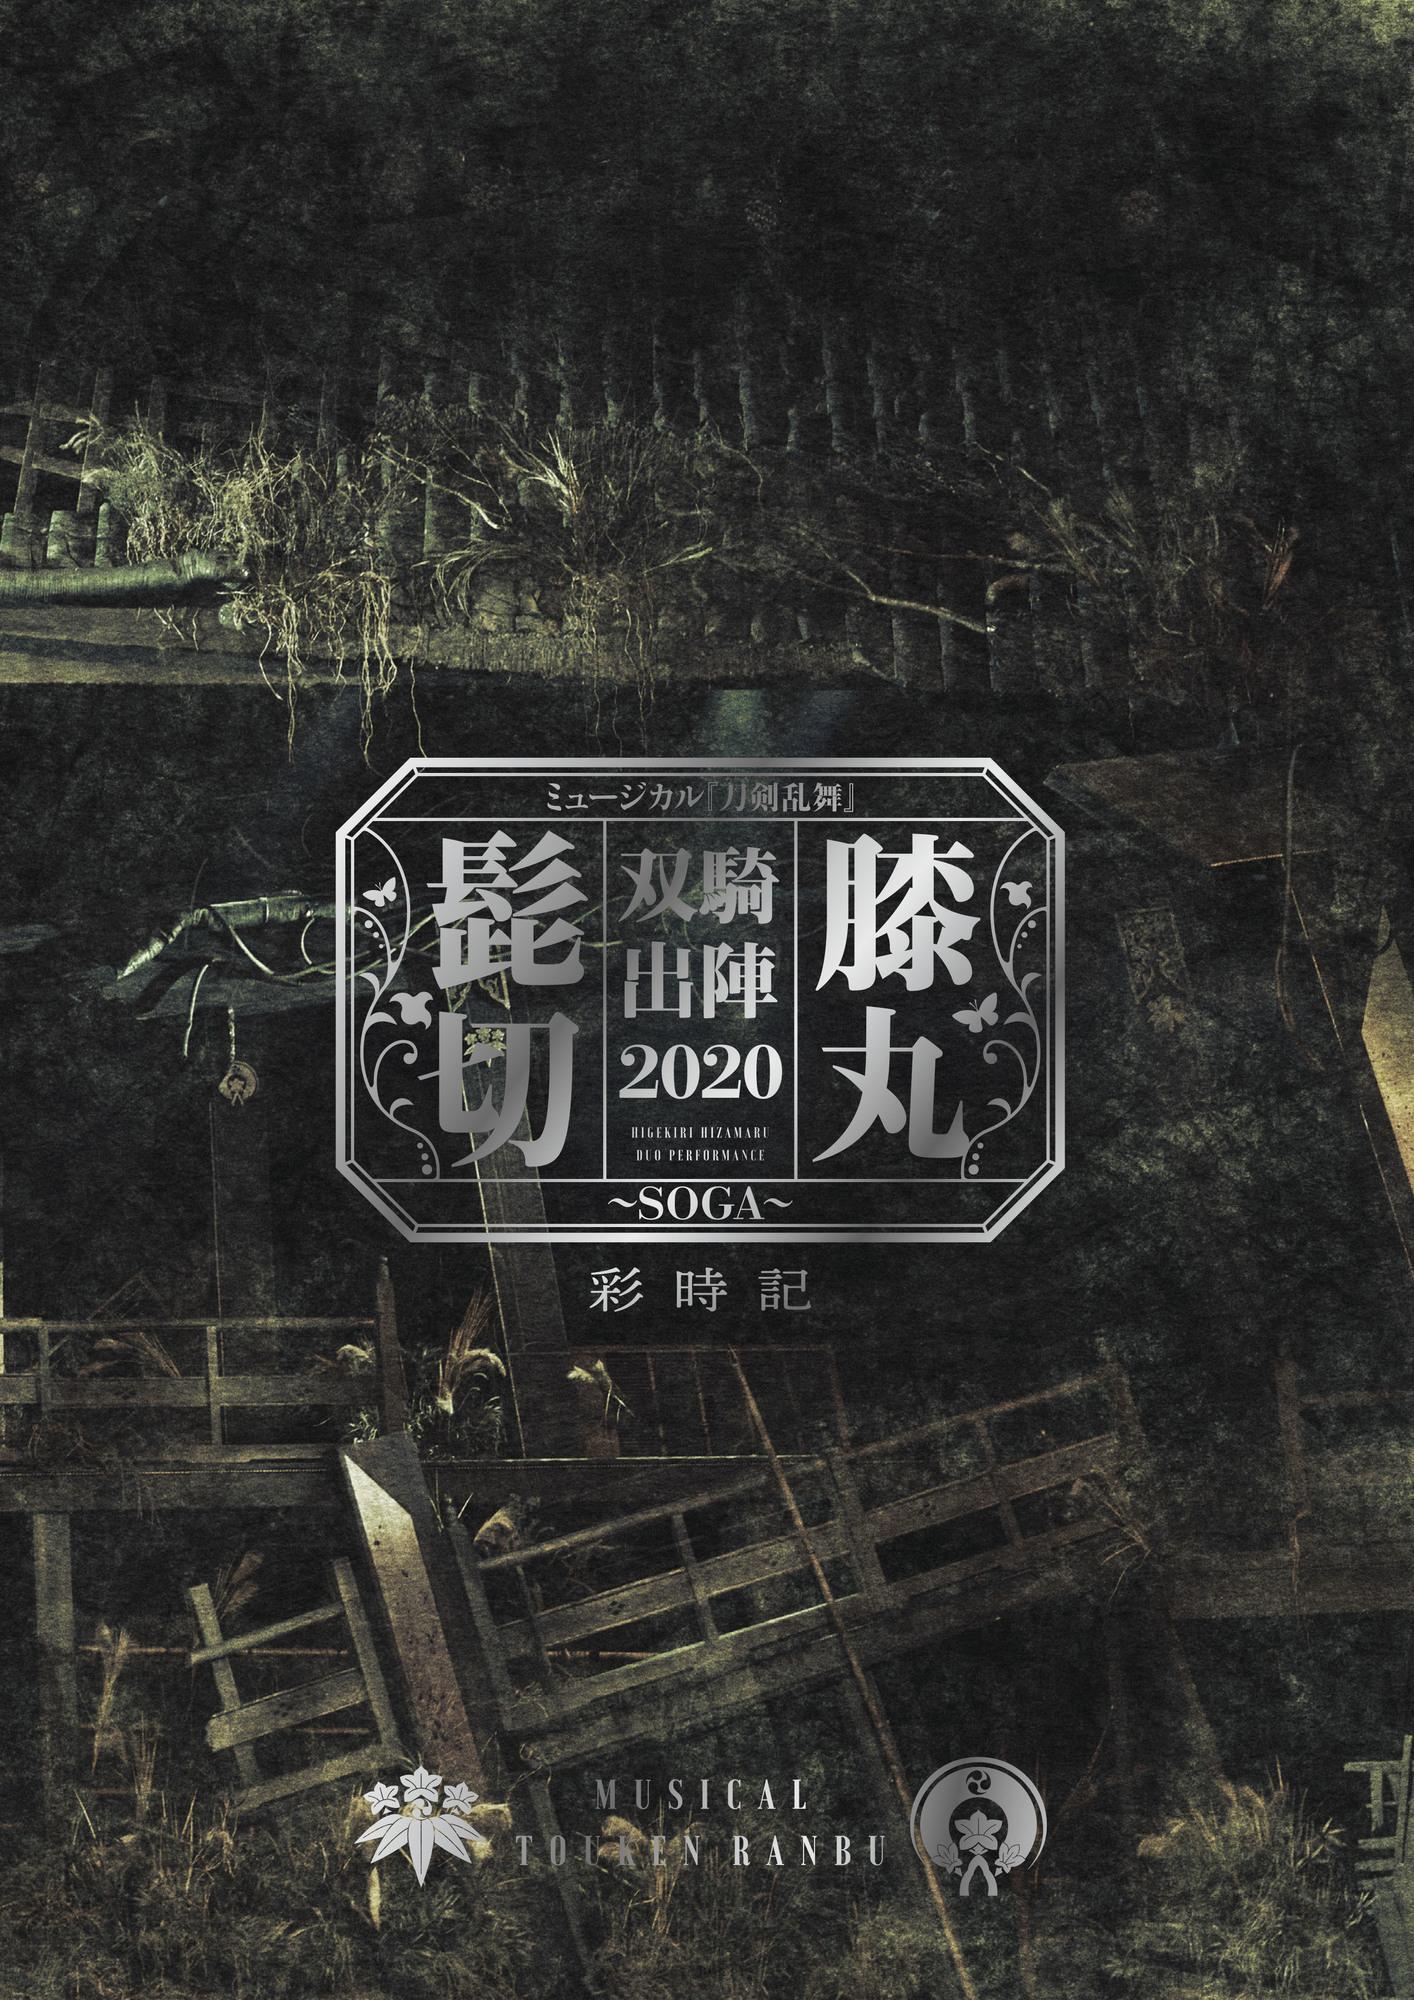 ミュージカル刀剣乱舞 髭切膝丸 双騎出陣 2020 ~SOGA~ 彩時記